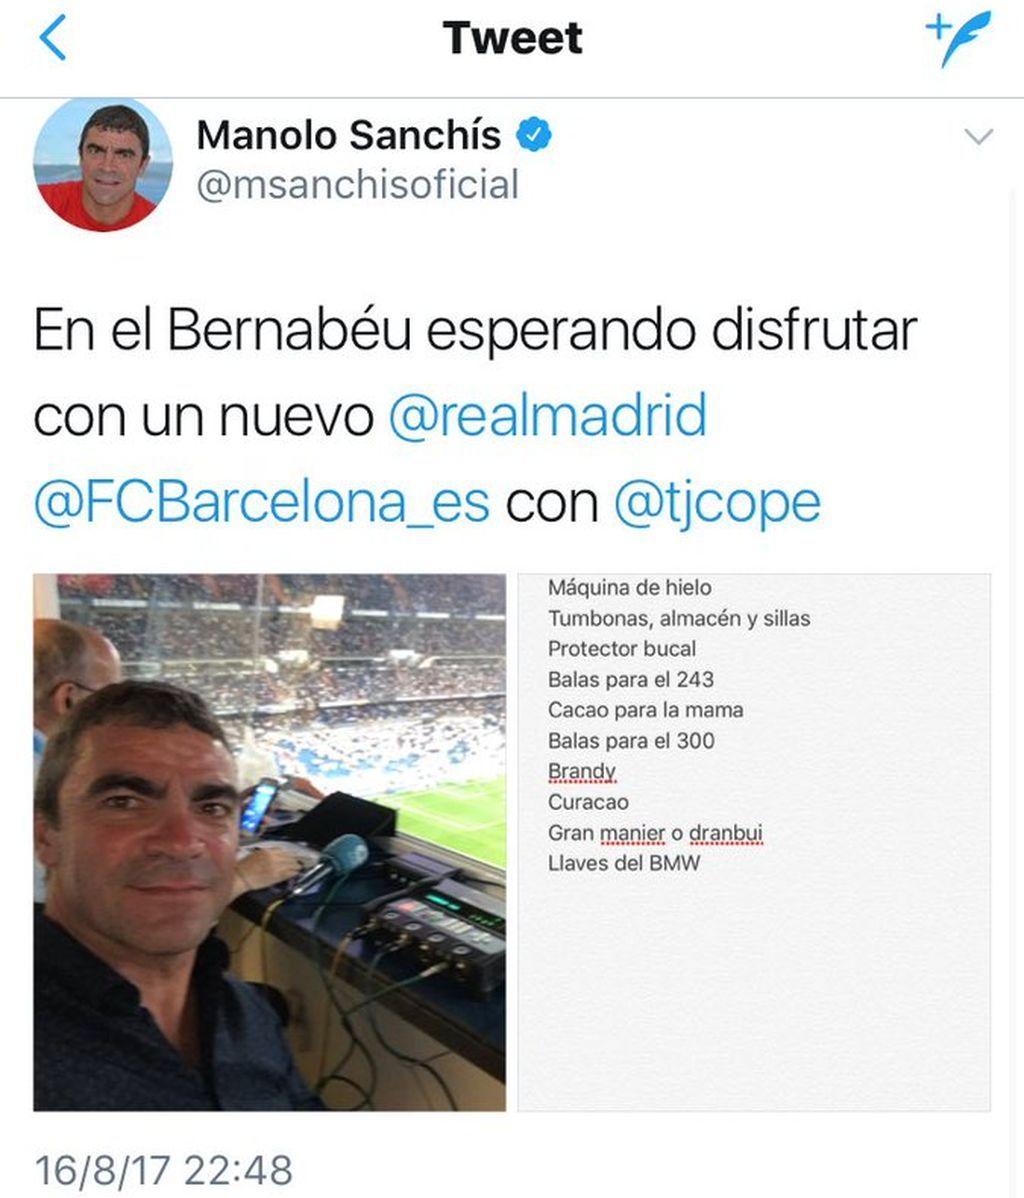 Tuit compra Sanchís